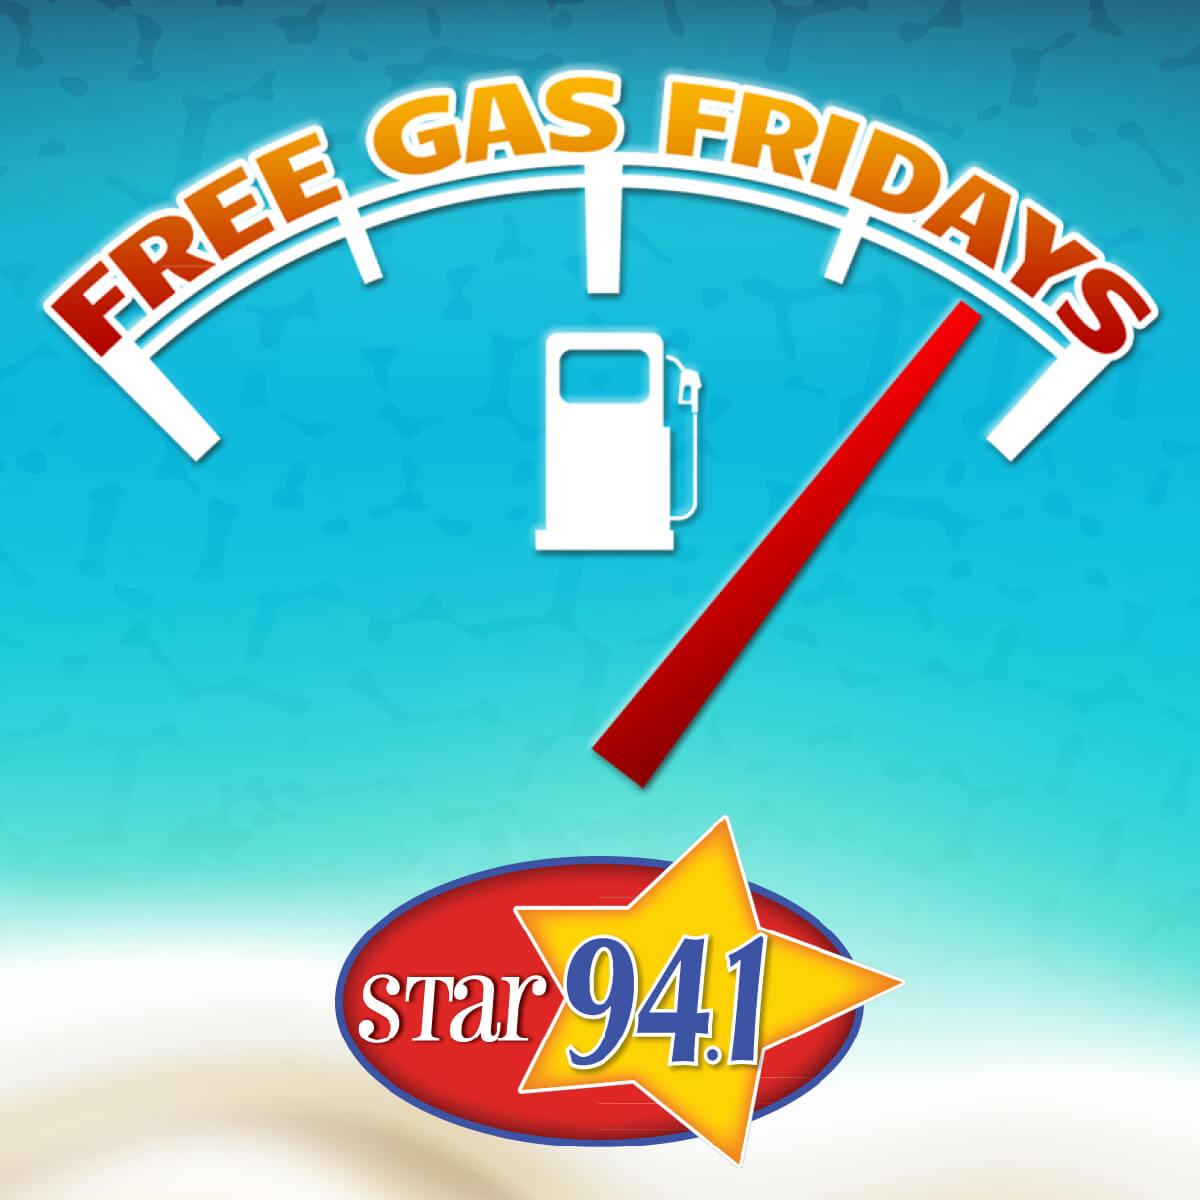 Free Gas Fridays Star 94.1